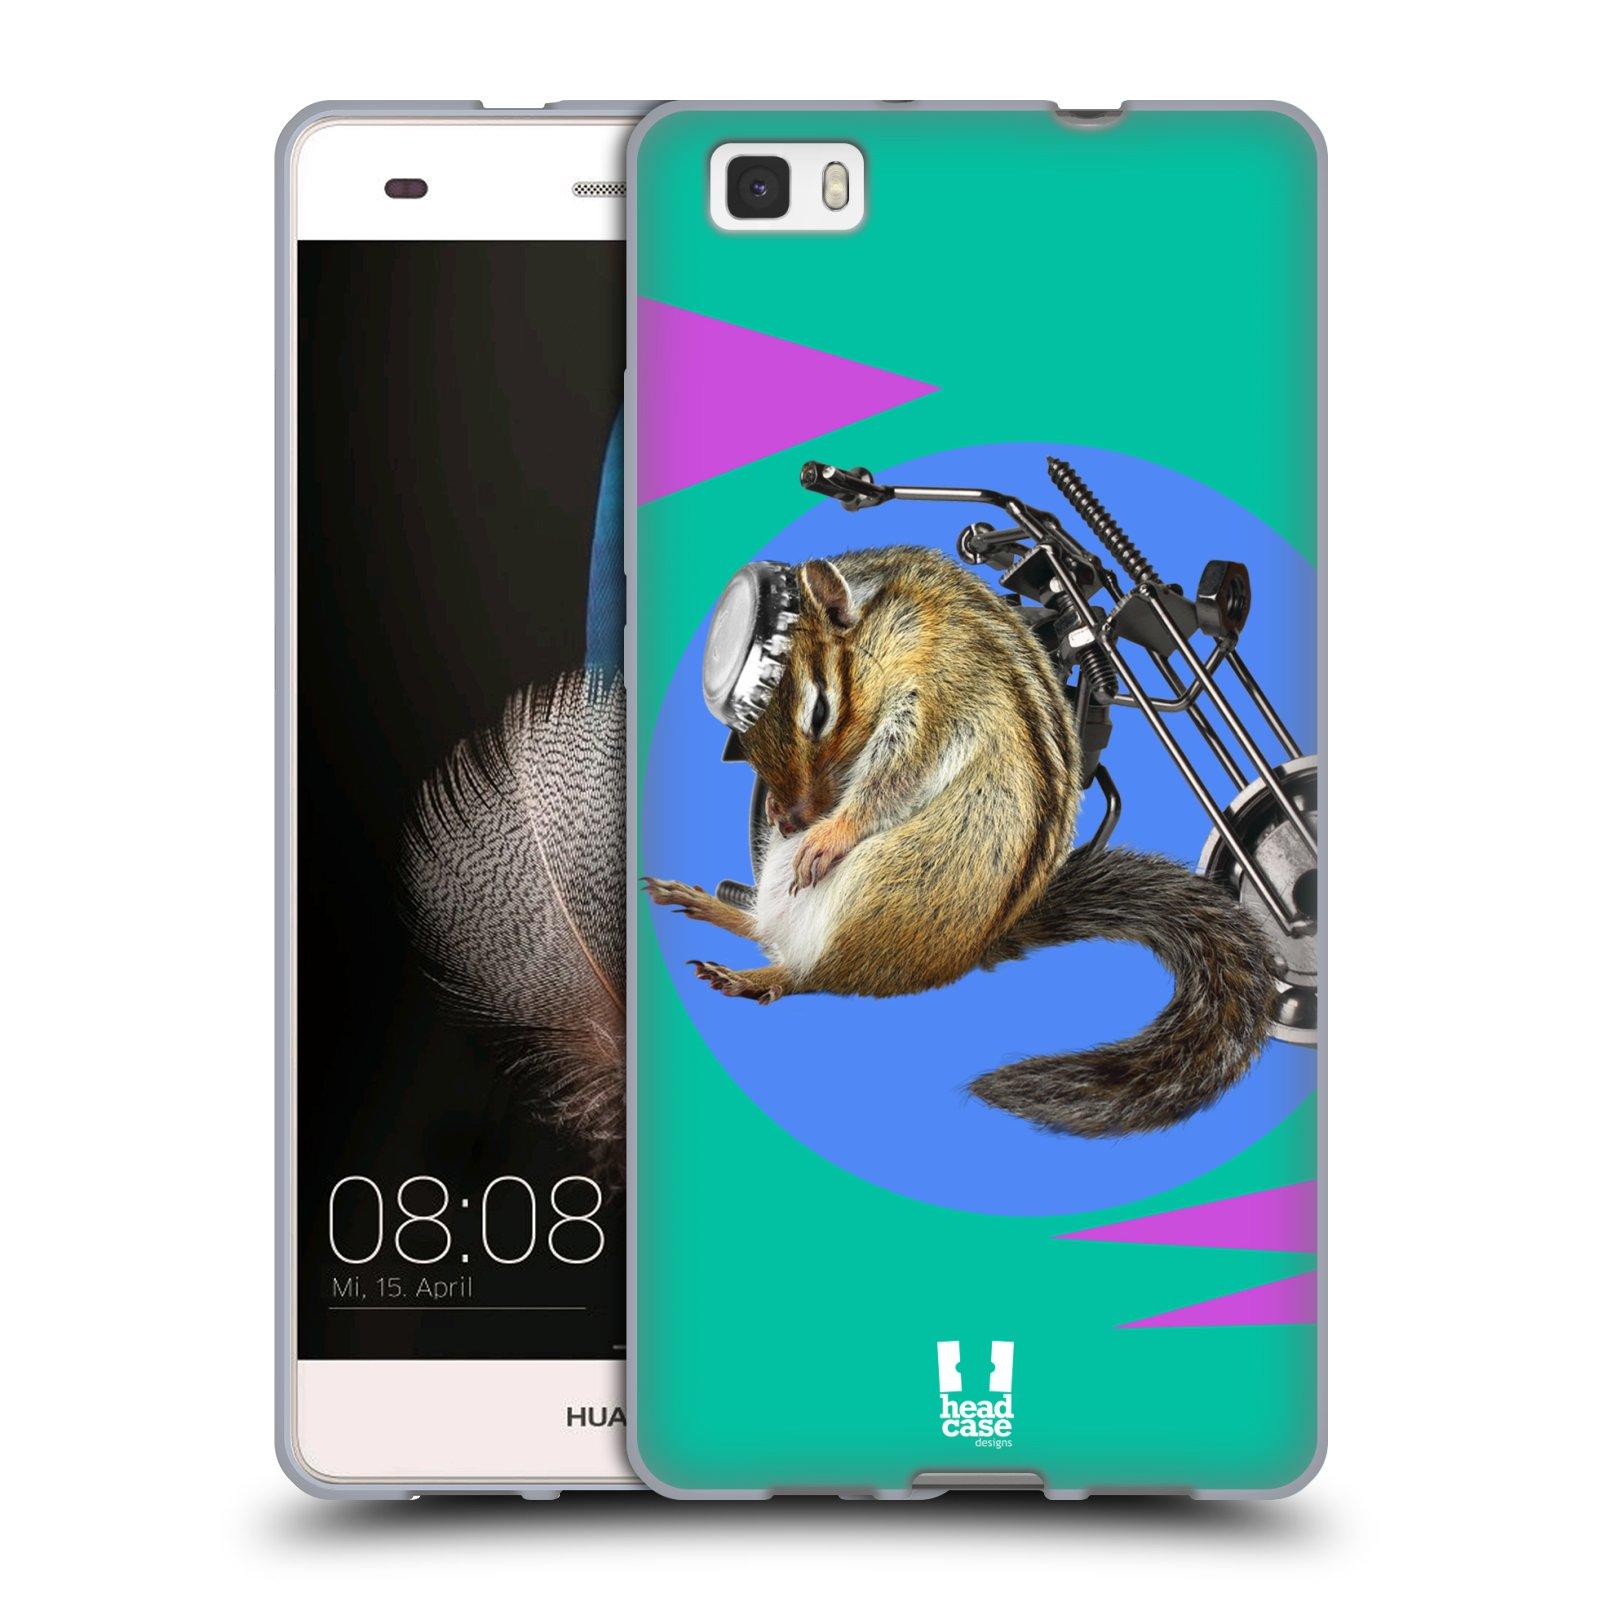 HEAD CASE silikonový obal na mobil Huawei P8 LITE Legrační zvířátka veverka motorkář chipmunk